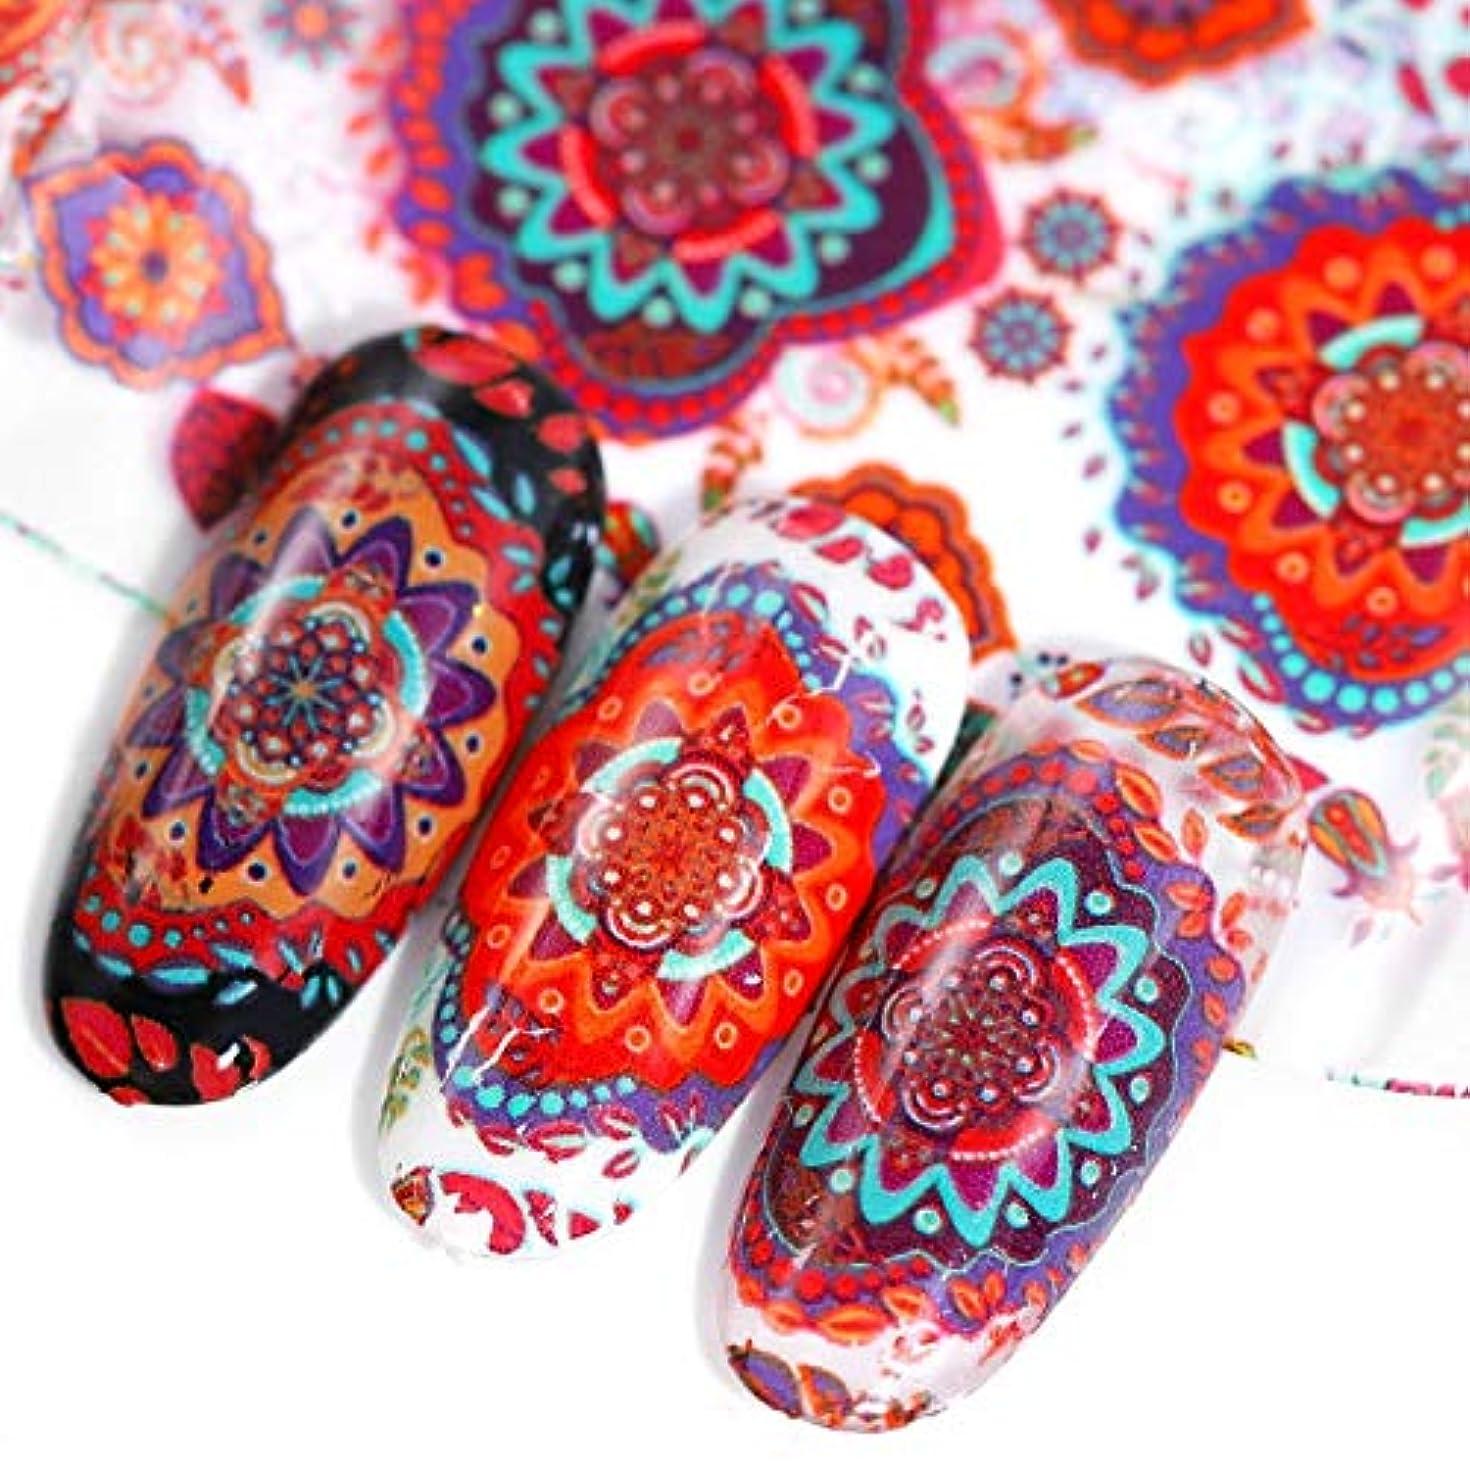 瞑想する畝間理解するArtlalic 10ピースネイルアートデコレーションネイルホイルネイル転写ステッカーネイルアートデカールカラフルな星空ヴィンテージエスニック風の花のデザインさまざまなデザインランダム混合